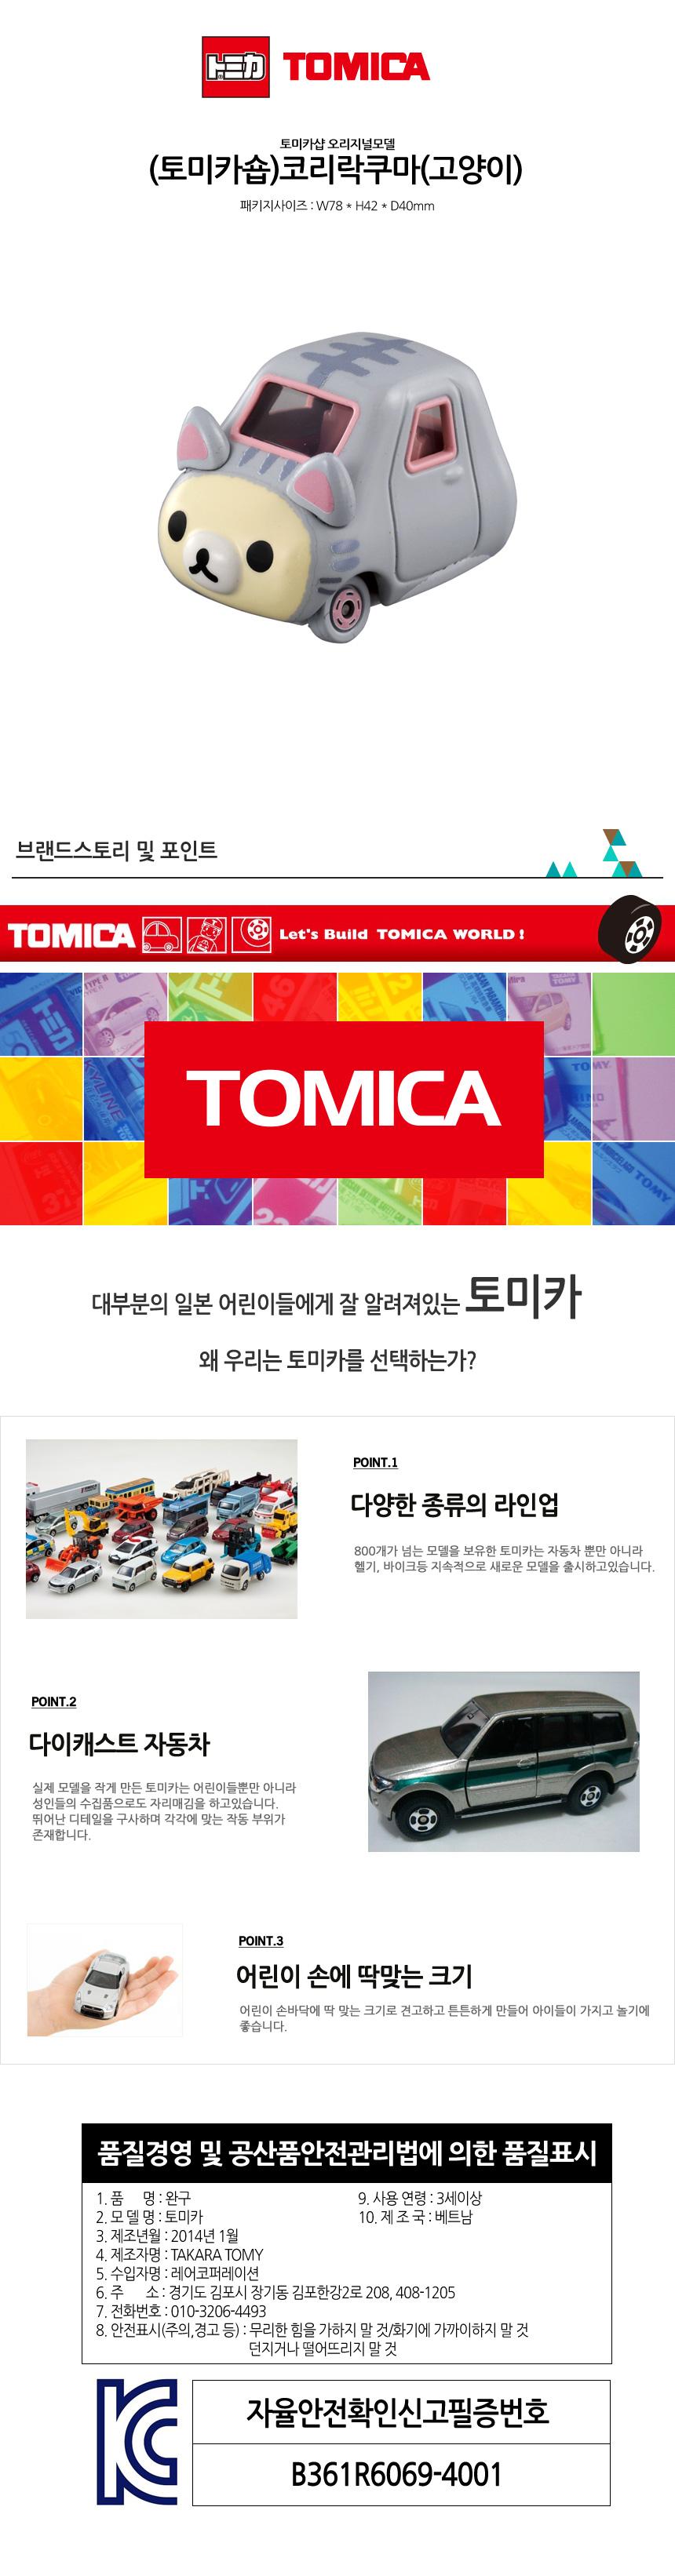 [토미카샵오리지널모델] 코리락쿠마(고양이) - 토미카, 20,000원, 자동차 모형, 기타 자동차